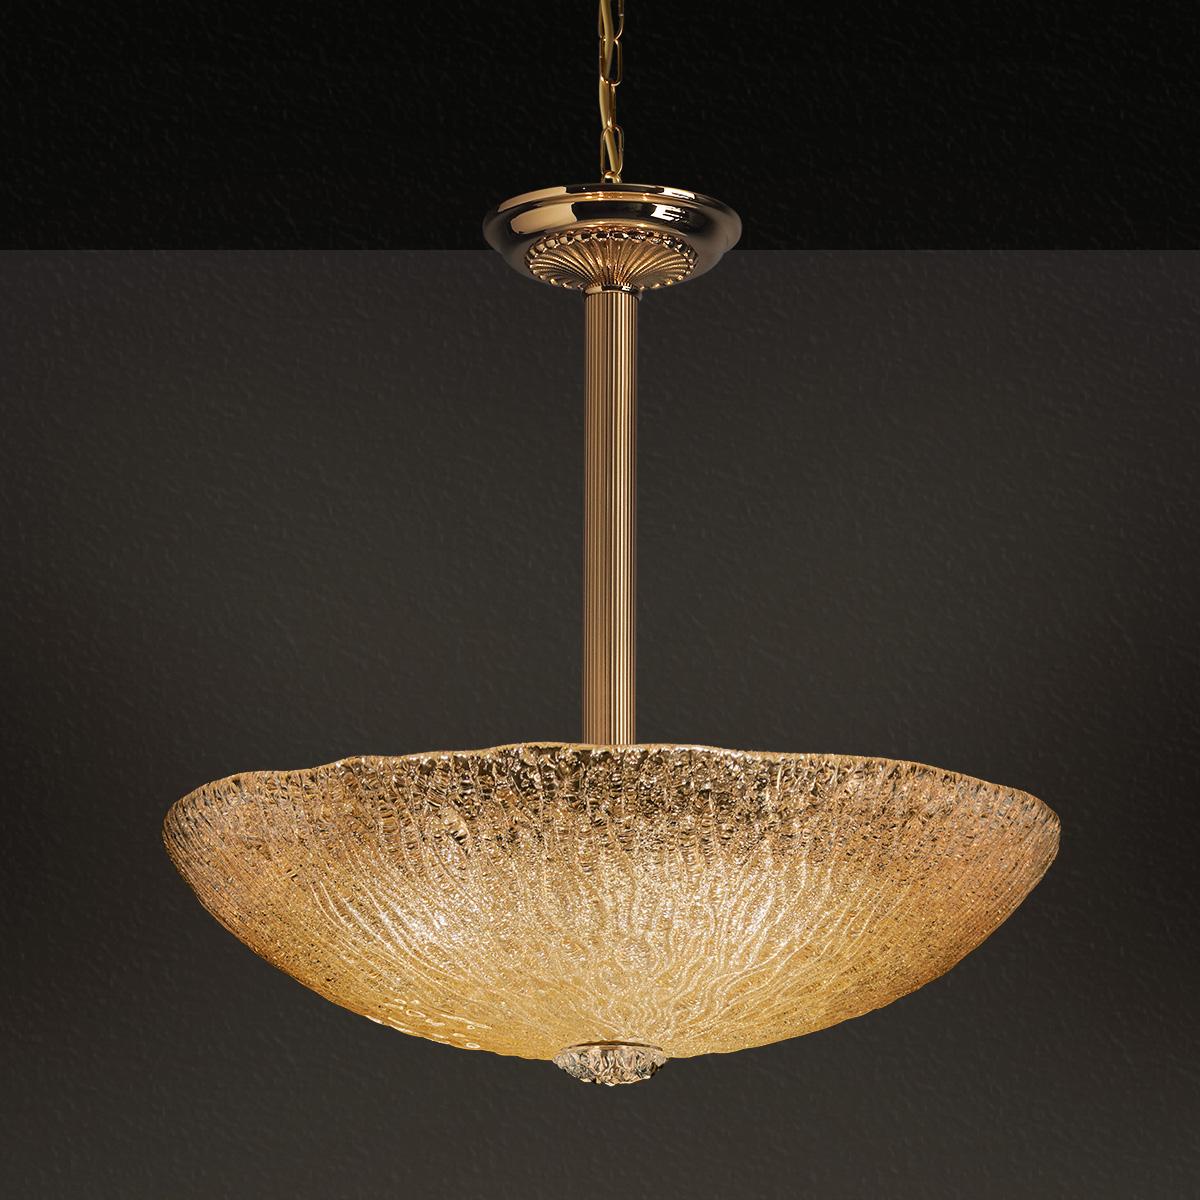 Κλασικό κρεμαστό φωτιστικό Μουράνο ΚΥΜΑΤΑ classic Murano suspension lamp